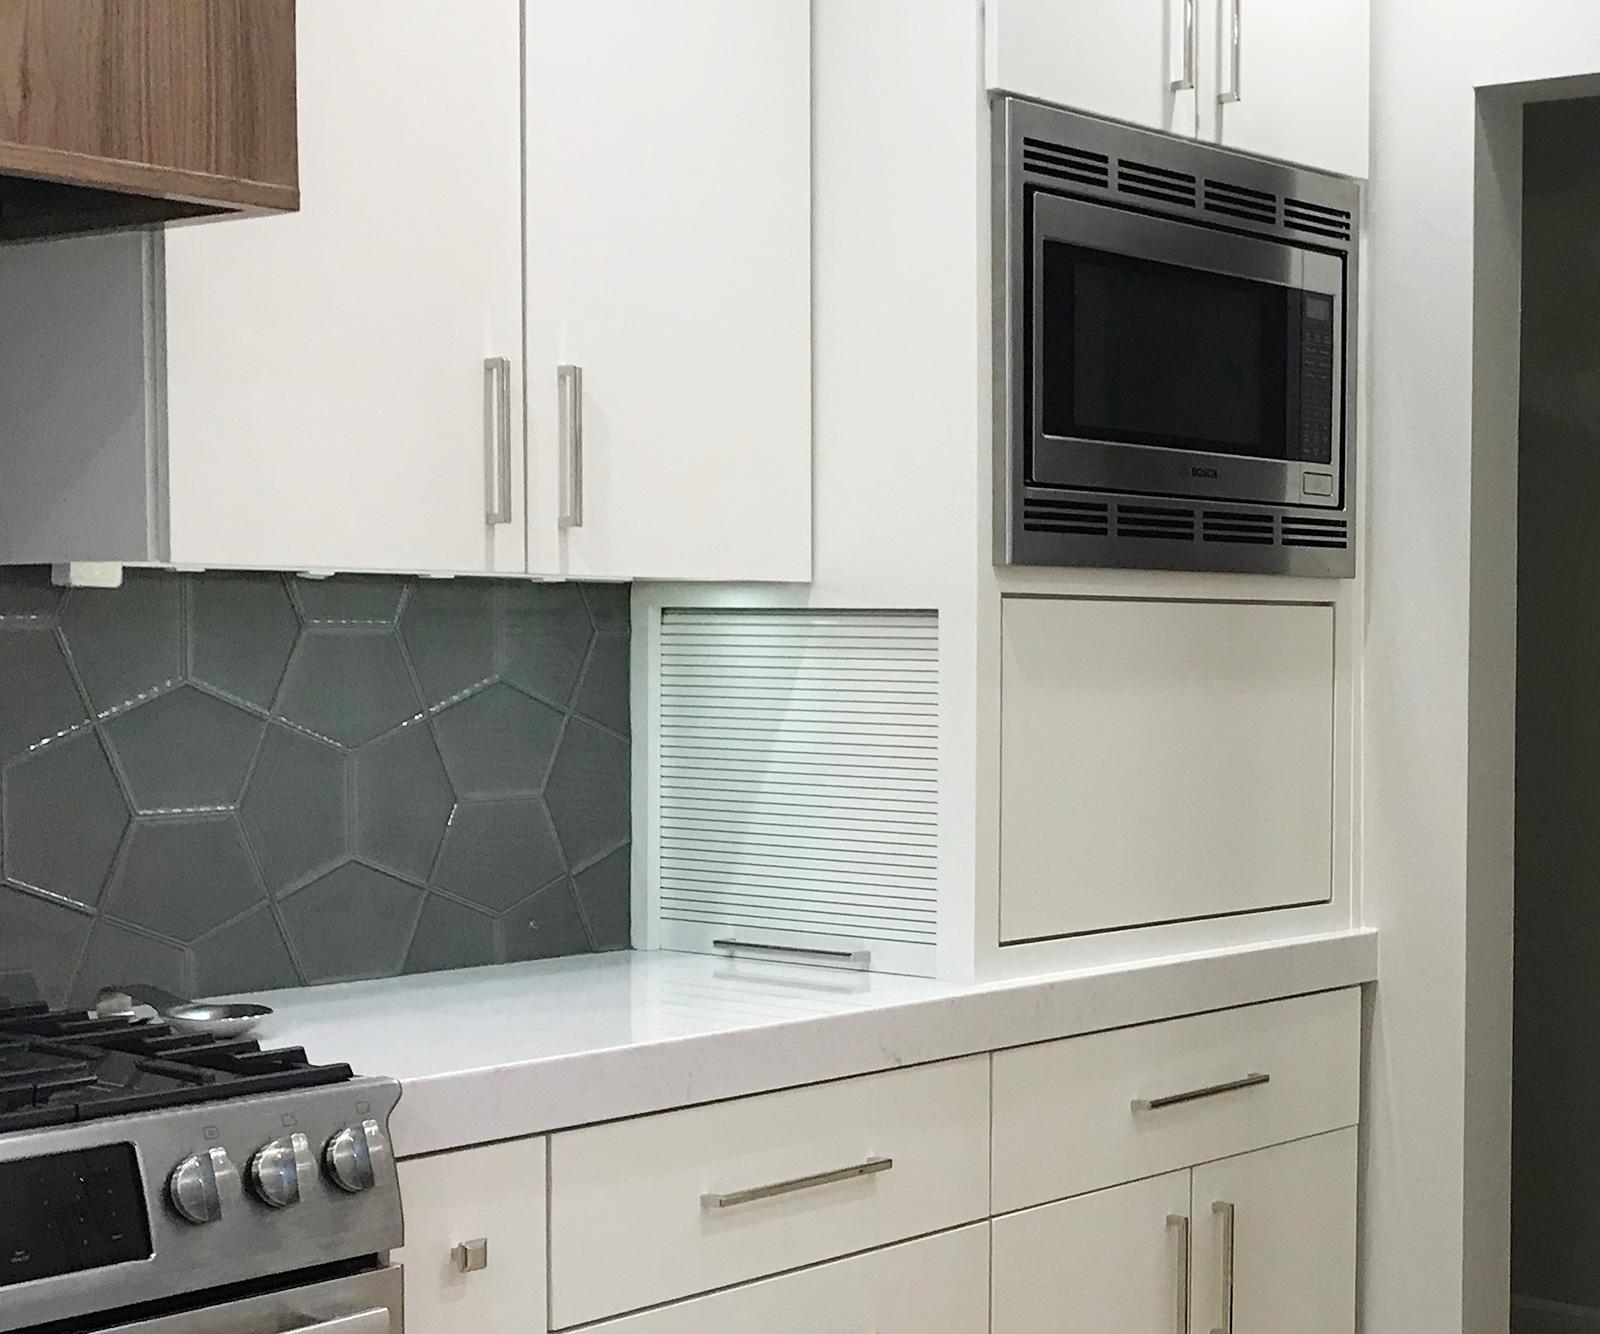 Tambour door for appliance garage